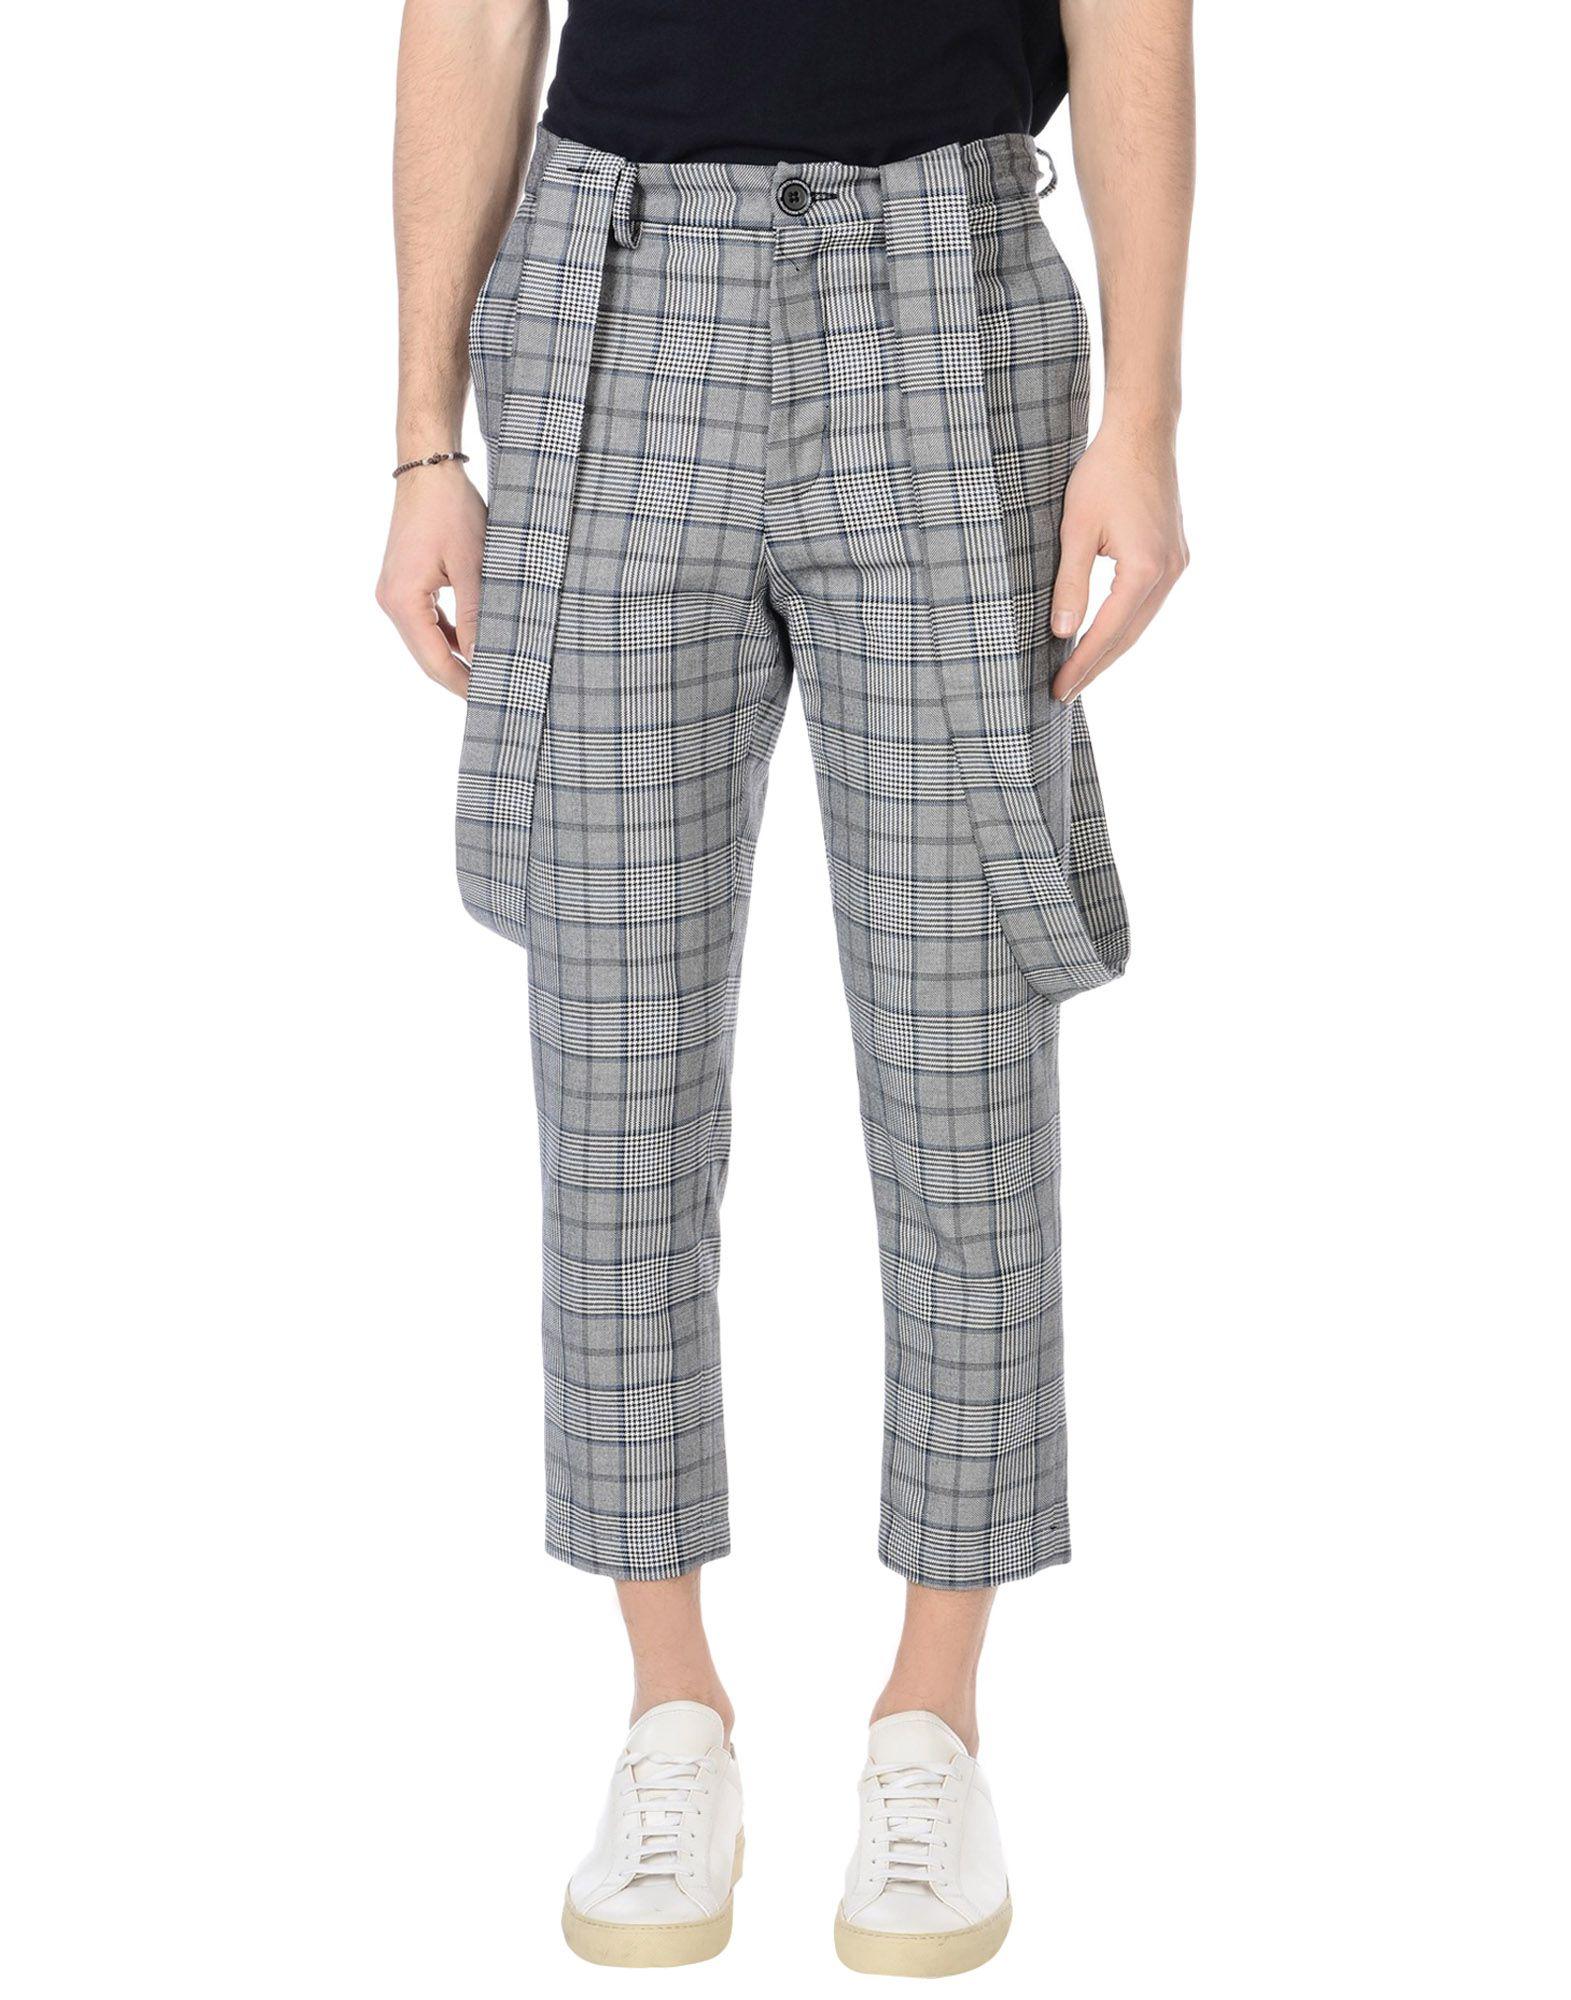 Pantalone 13120147BP Matteolamandini Uomo - 13120147BP Pantalone cef966